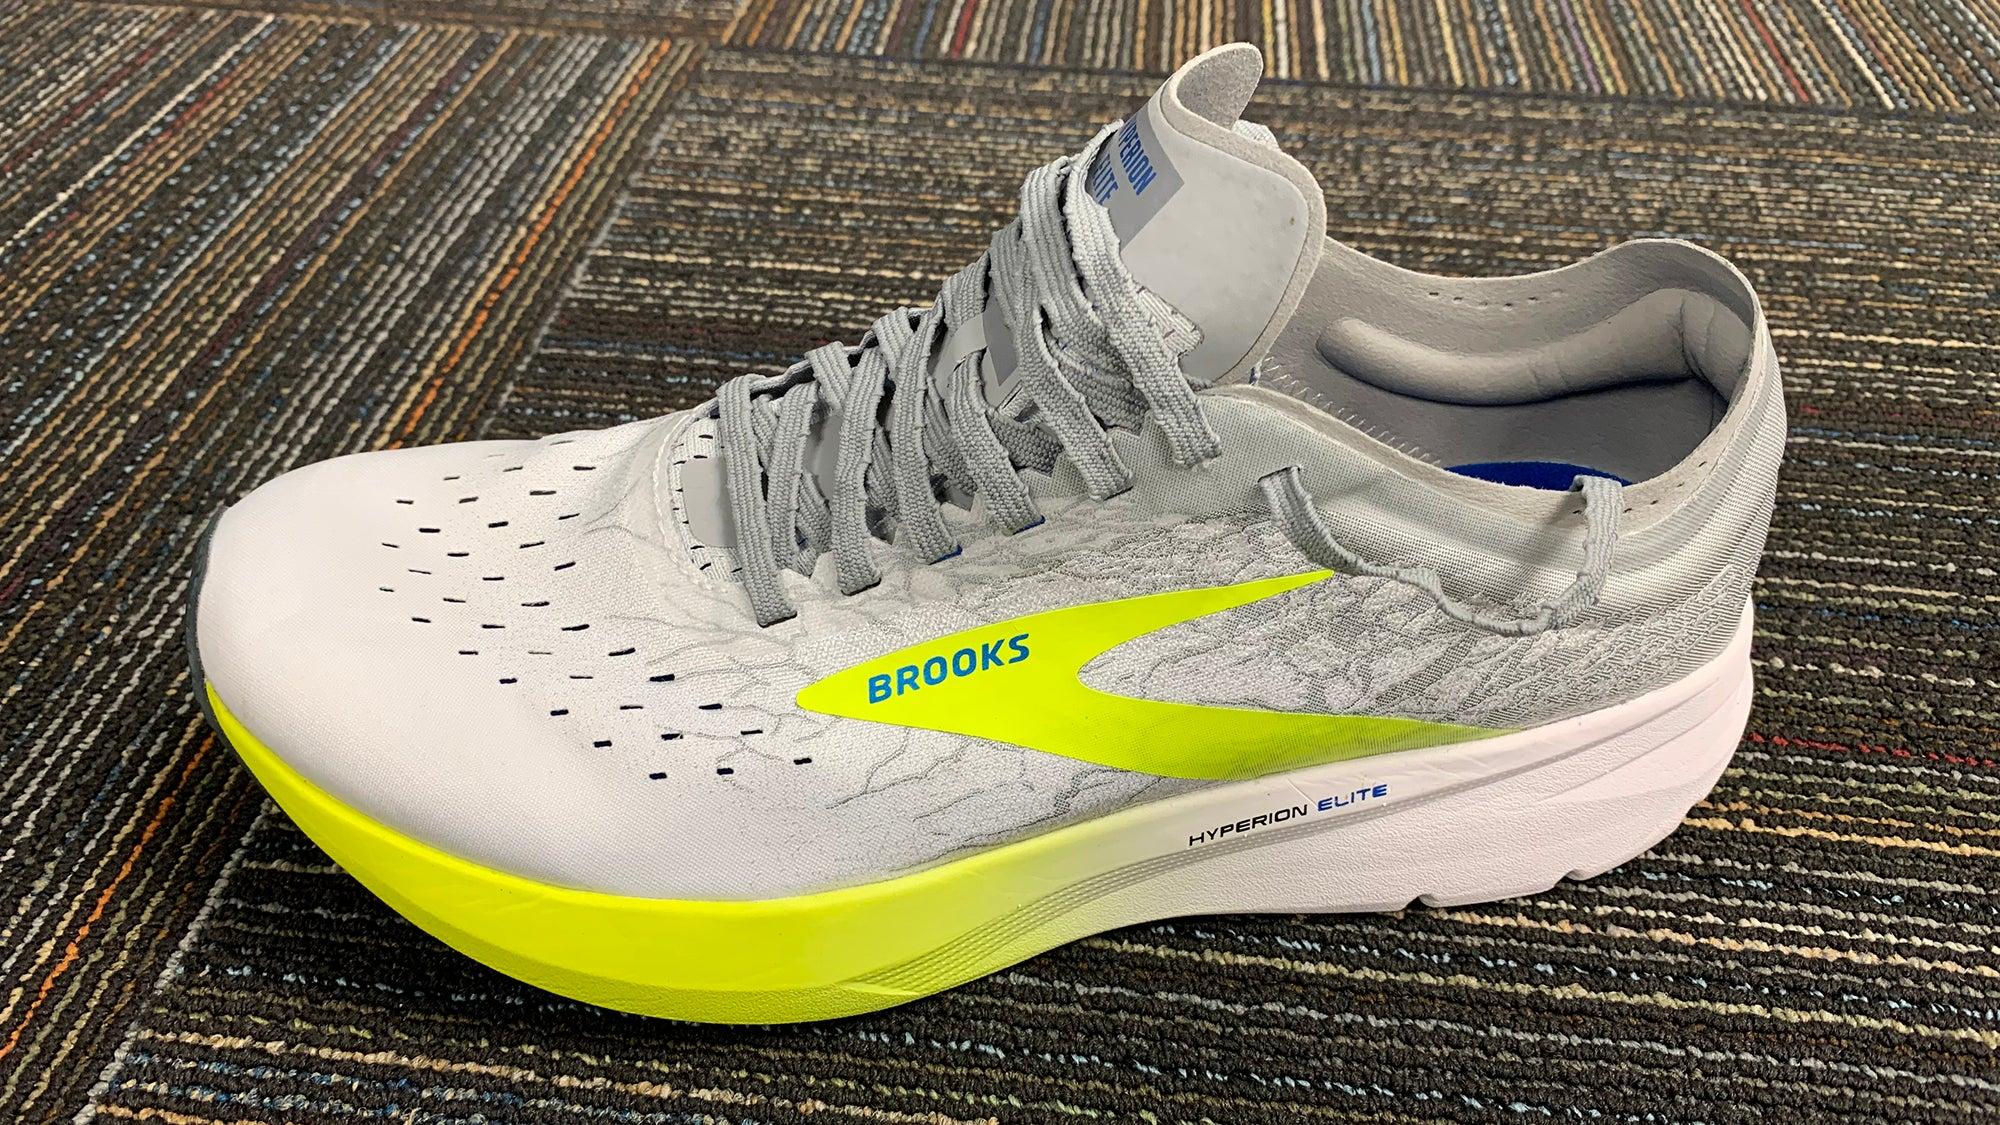 Brooks Hyperion Elite Carbon-plate Shoe